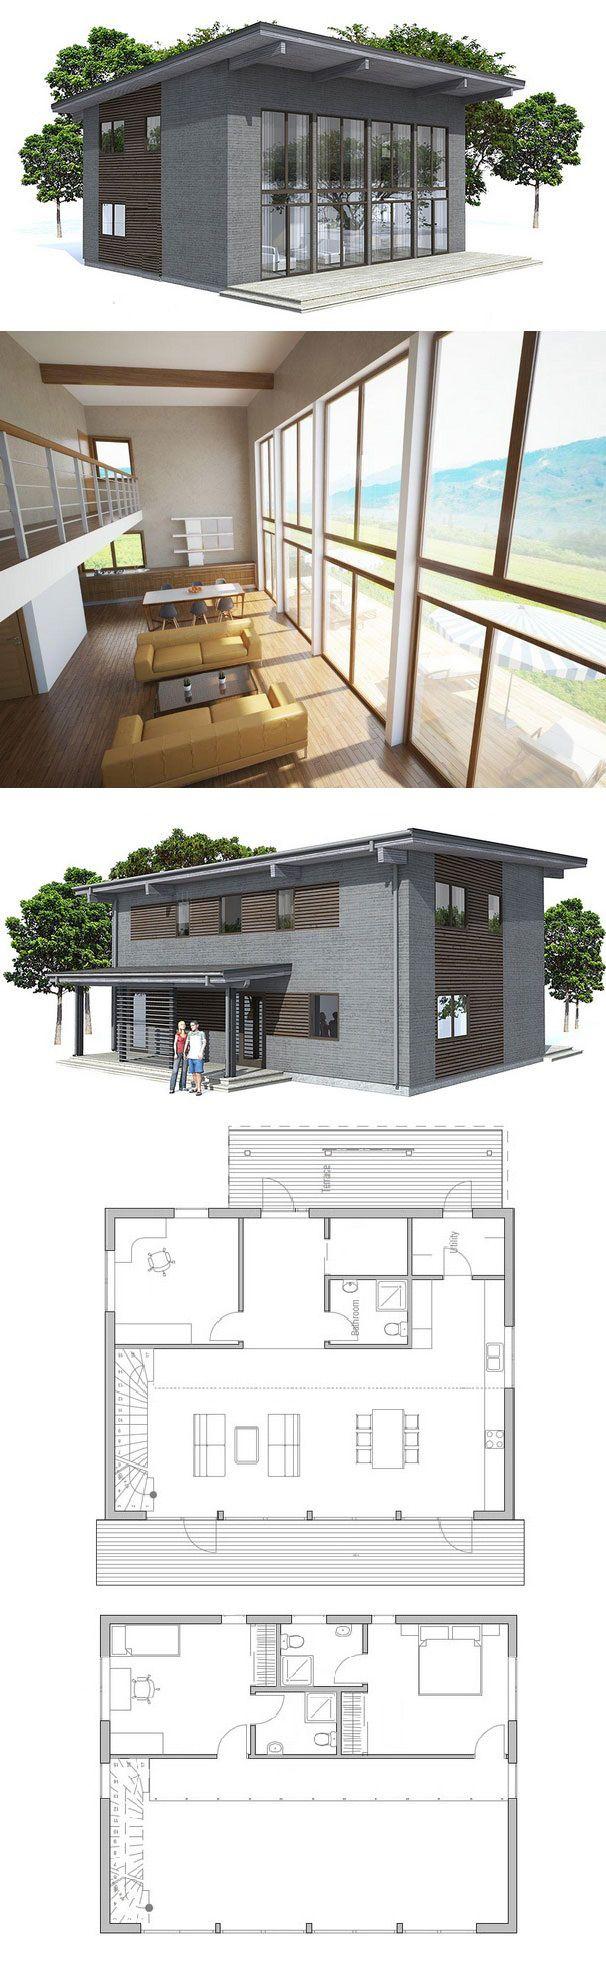 plan de petite maison | PETITES MAISONS | Pinterest | Kleines ...